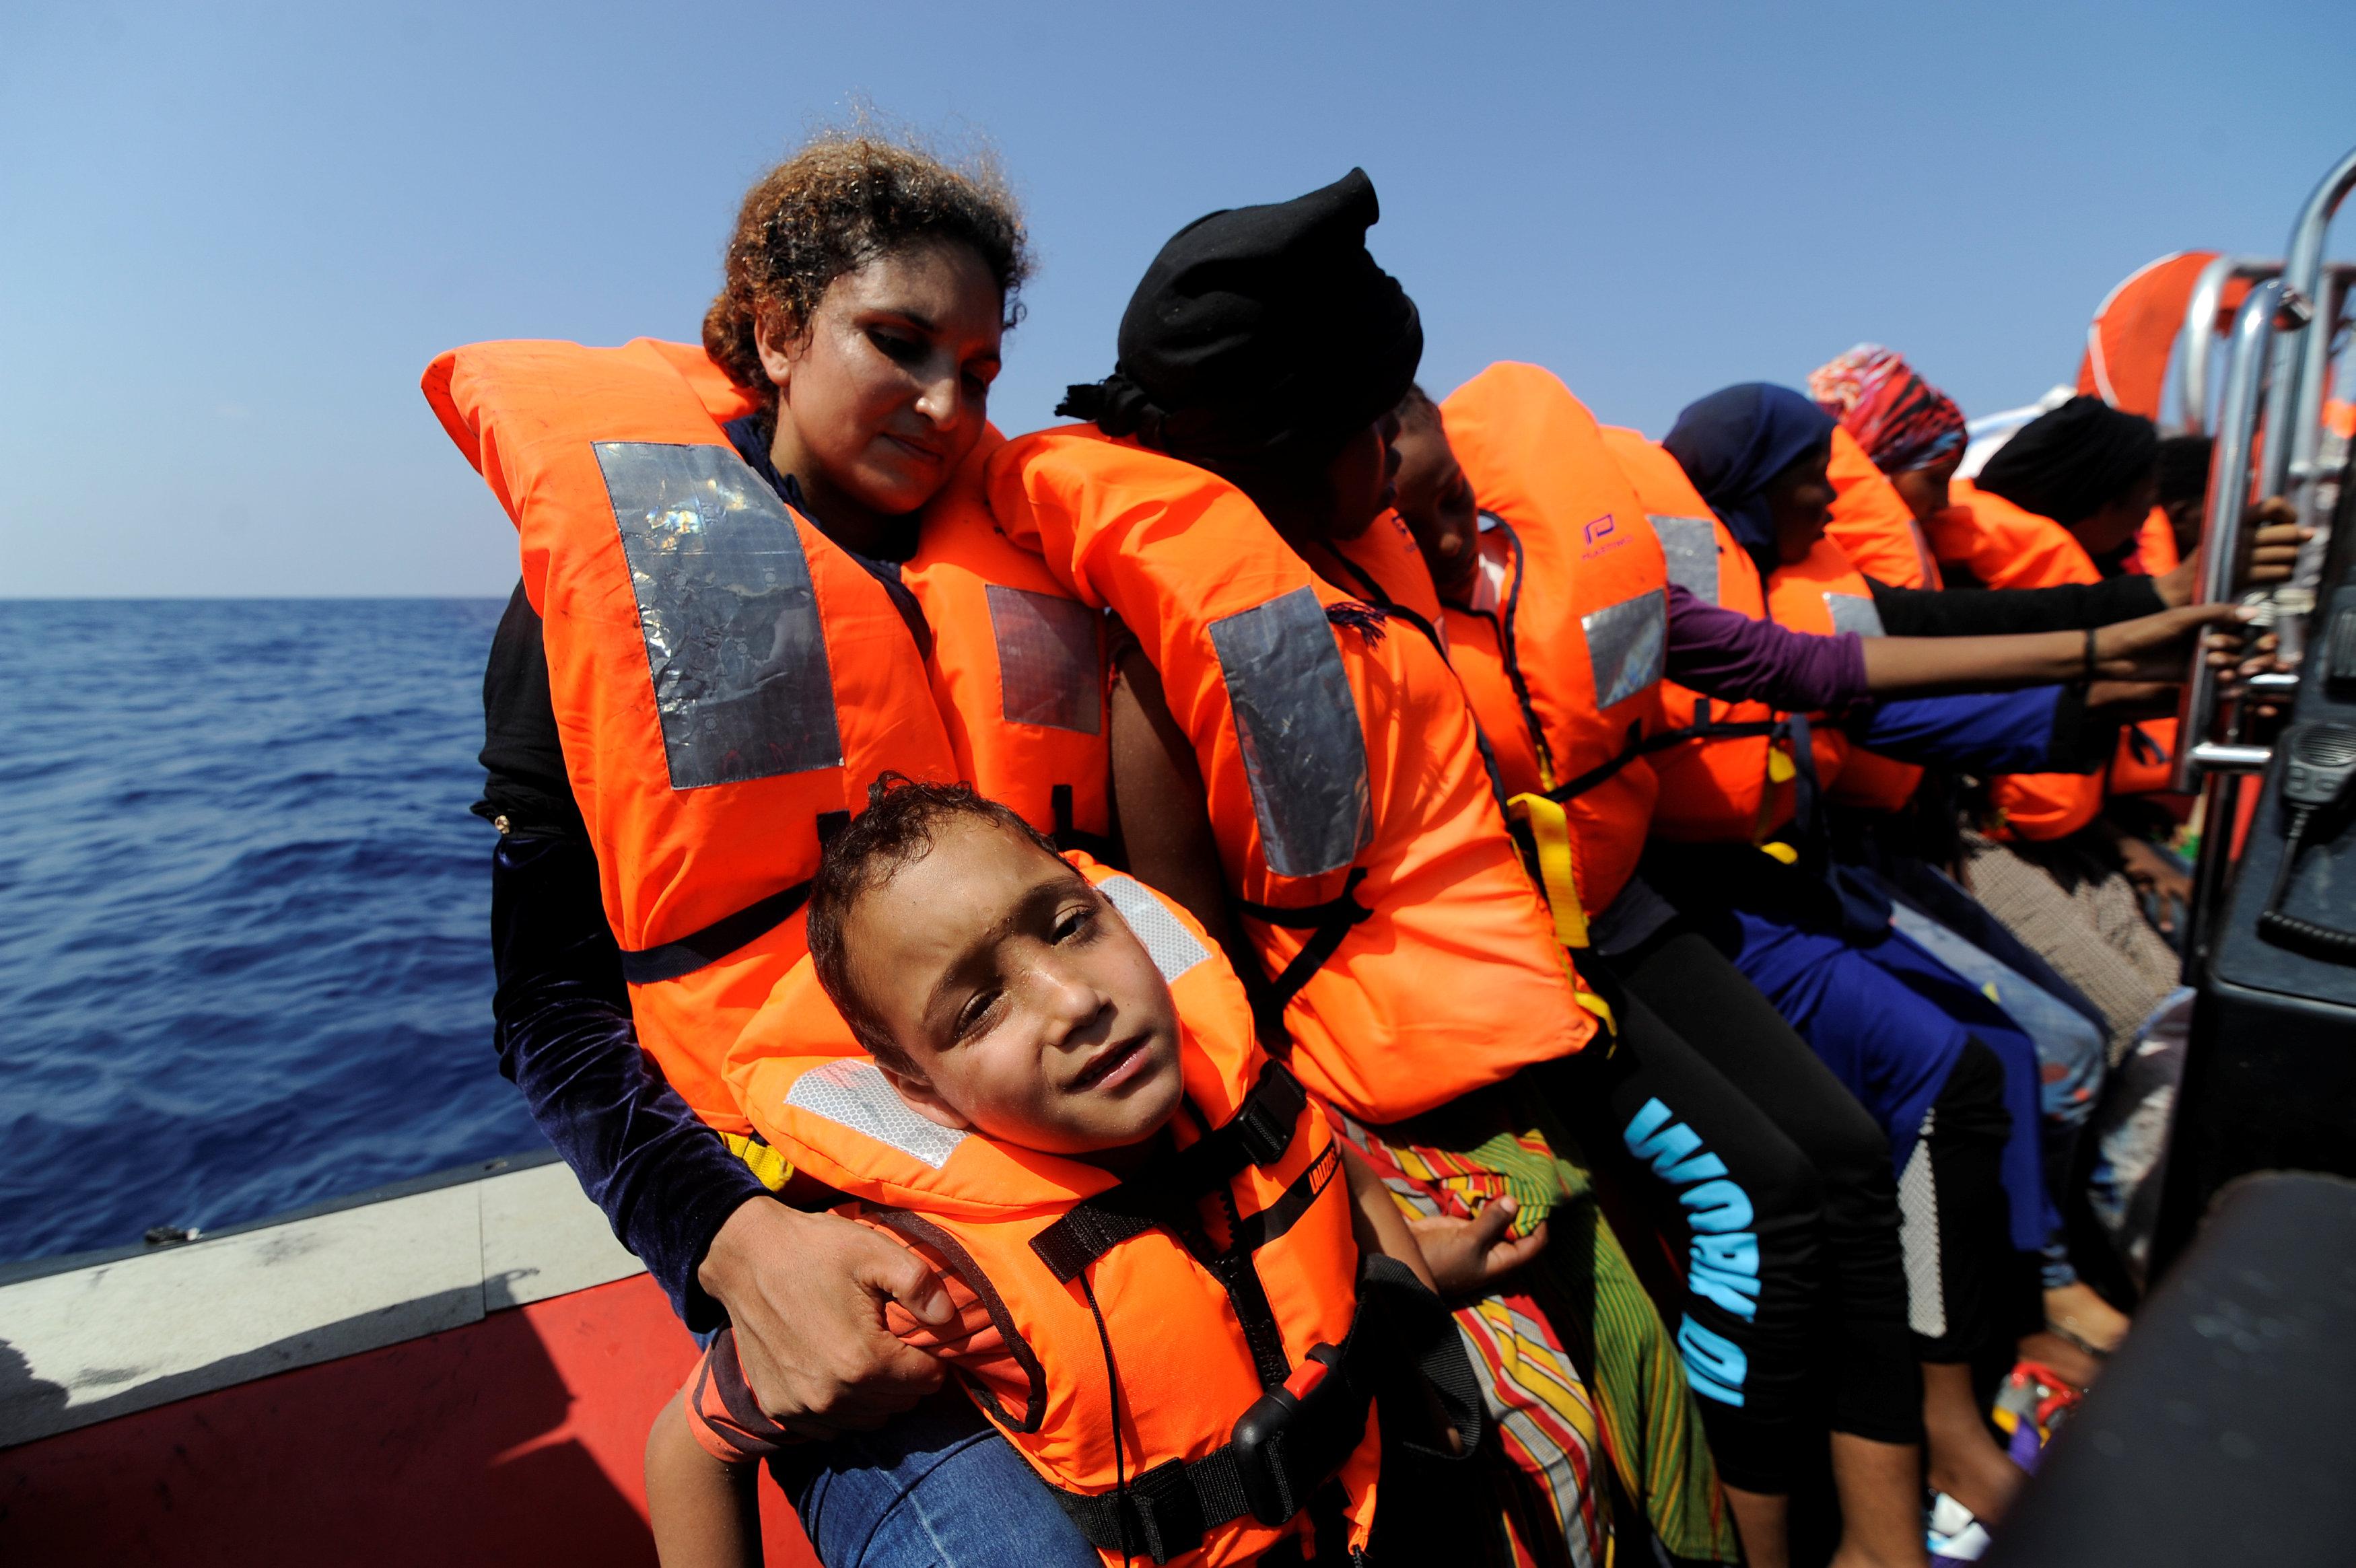 نظرة يأس لاحد الاطفال على قارب المهاجرين